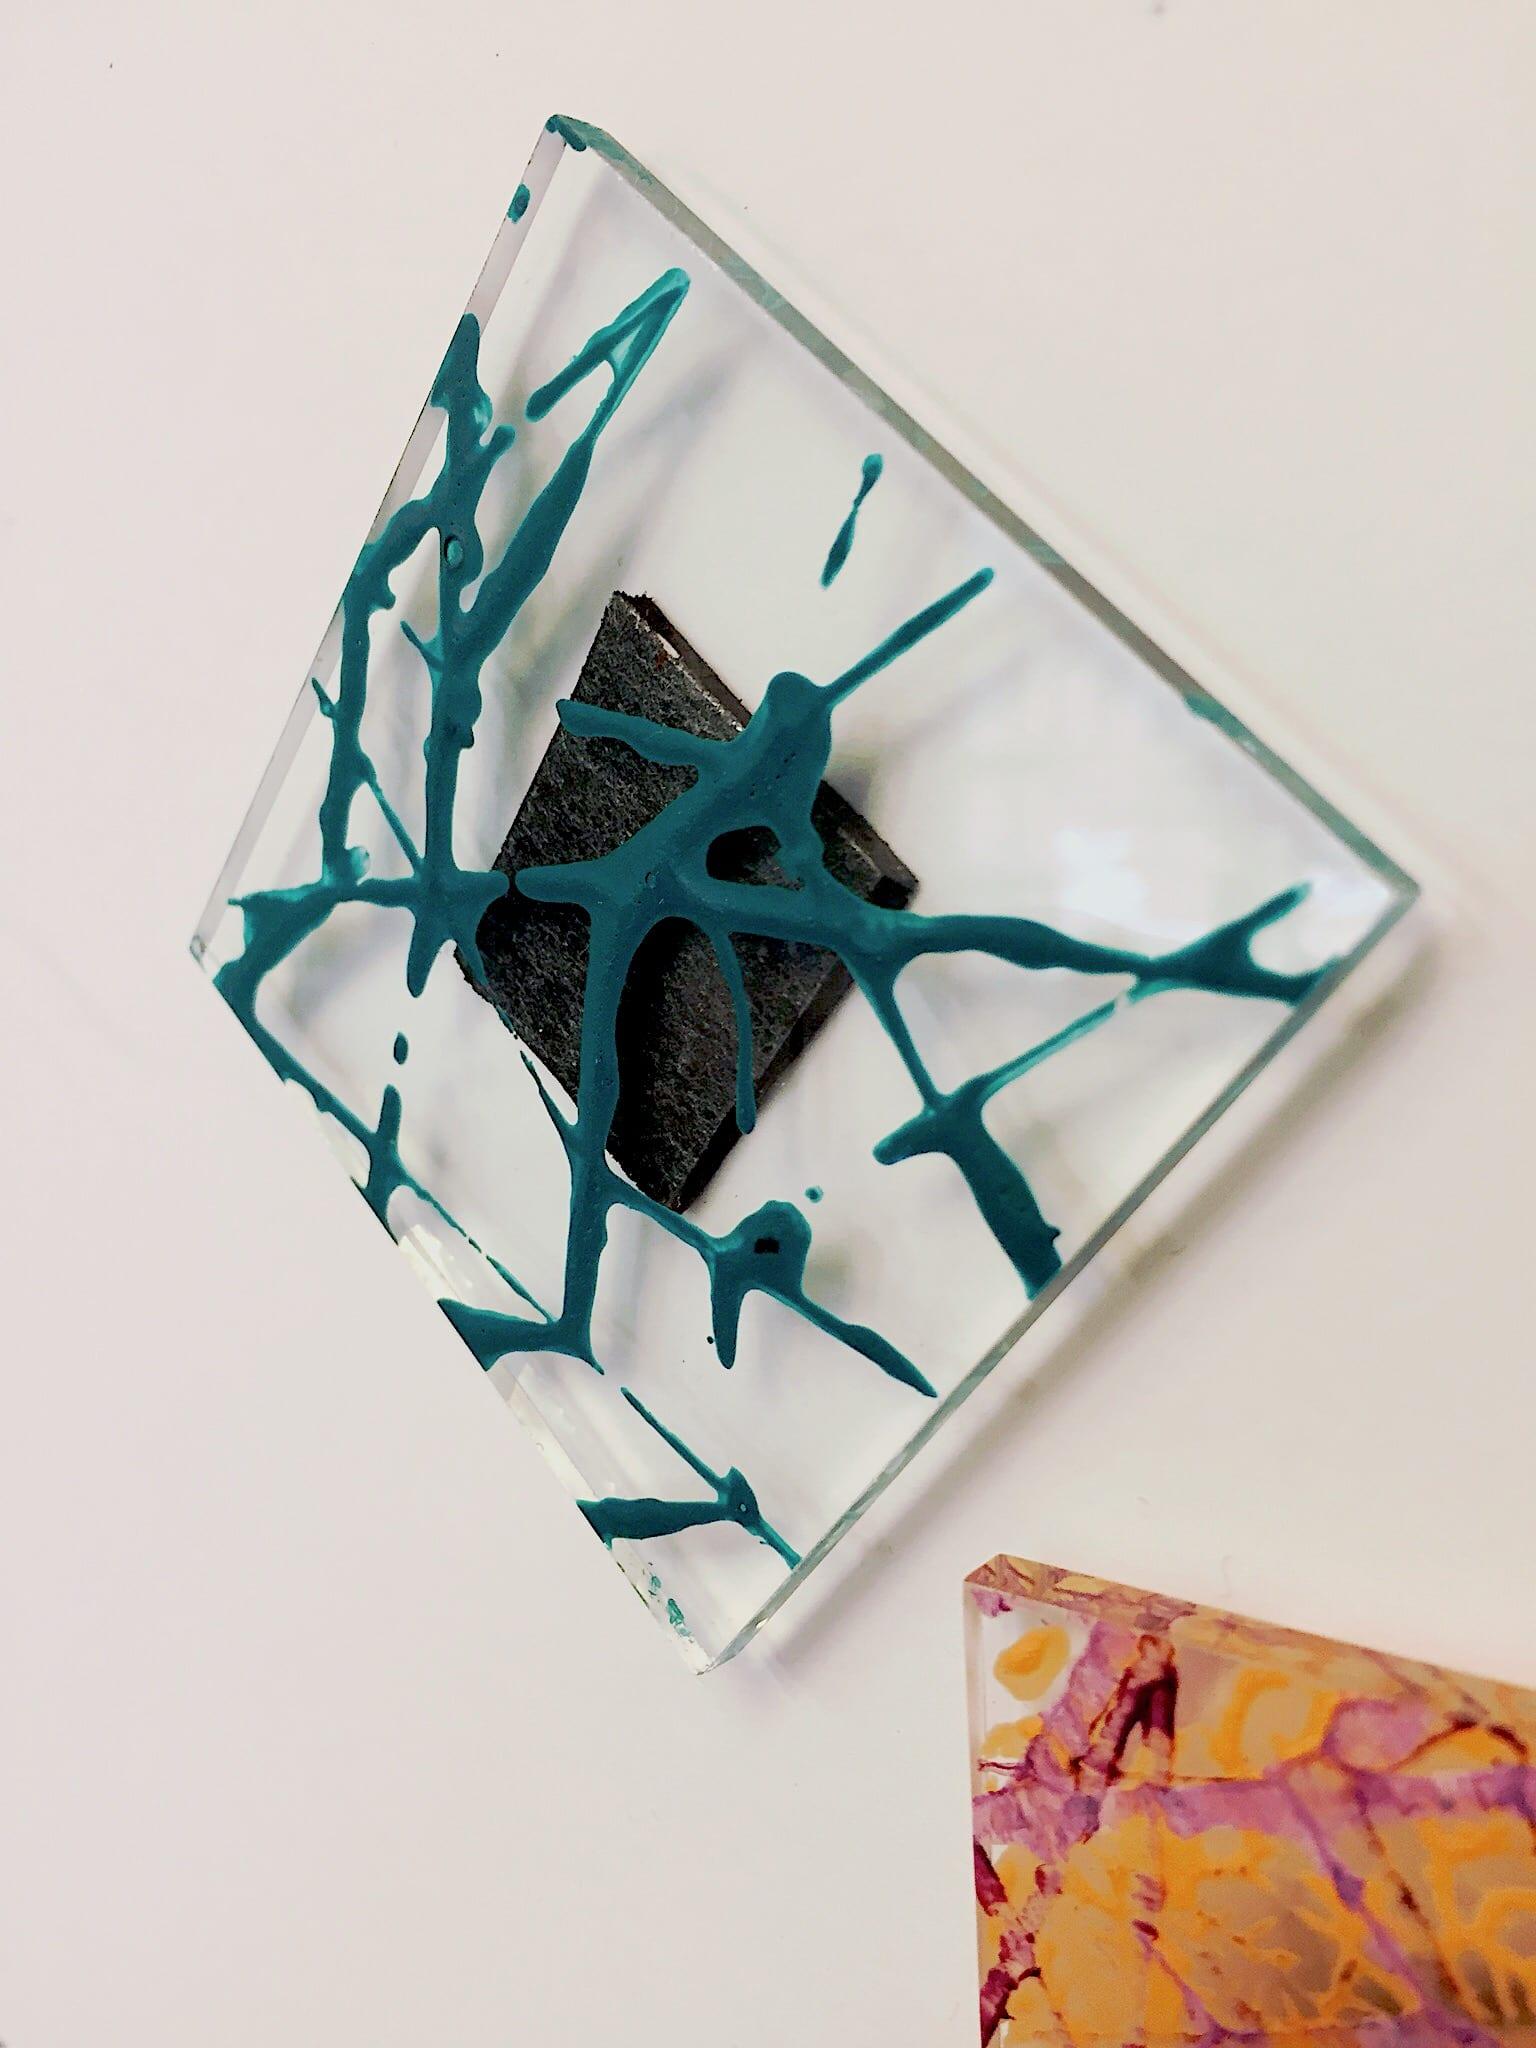 Мастер-класс по изготовлению стеклянных магнитов, Glass Point